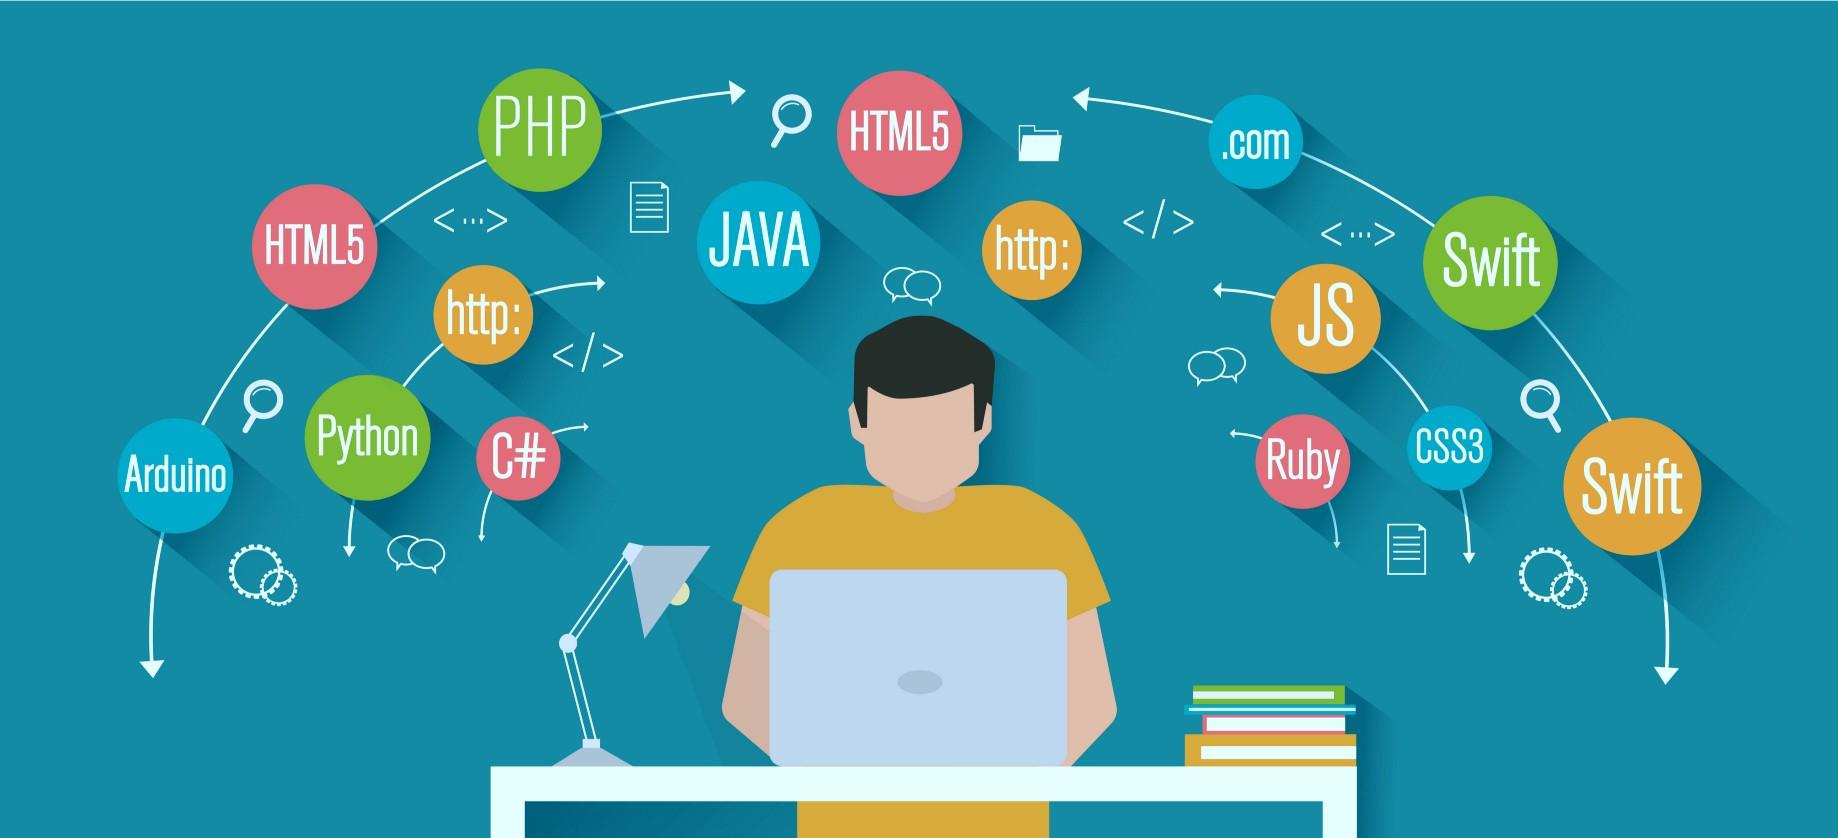 چگونه زبانهای برنامهنویسی در حال تغییر دادن جهان هستند؟